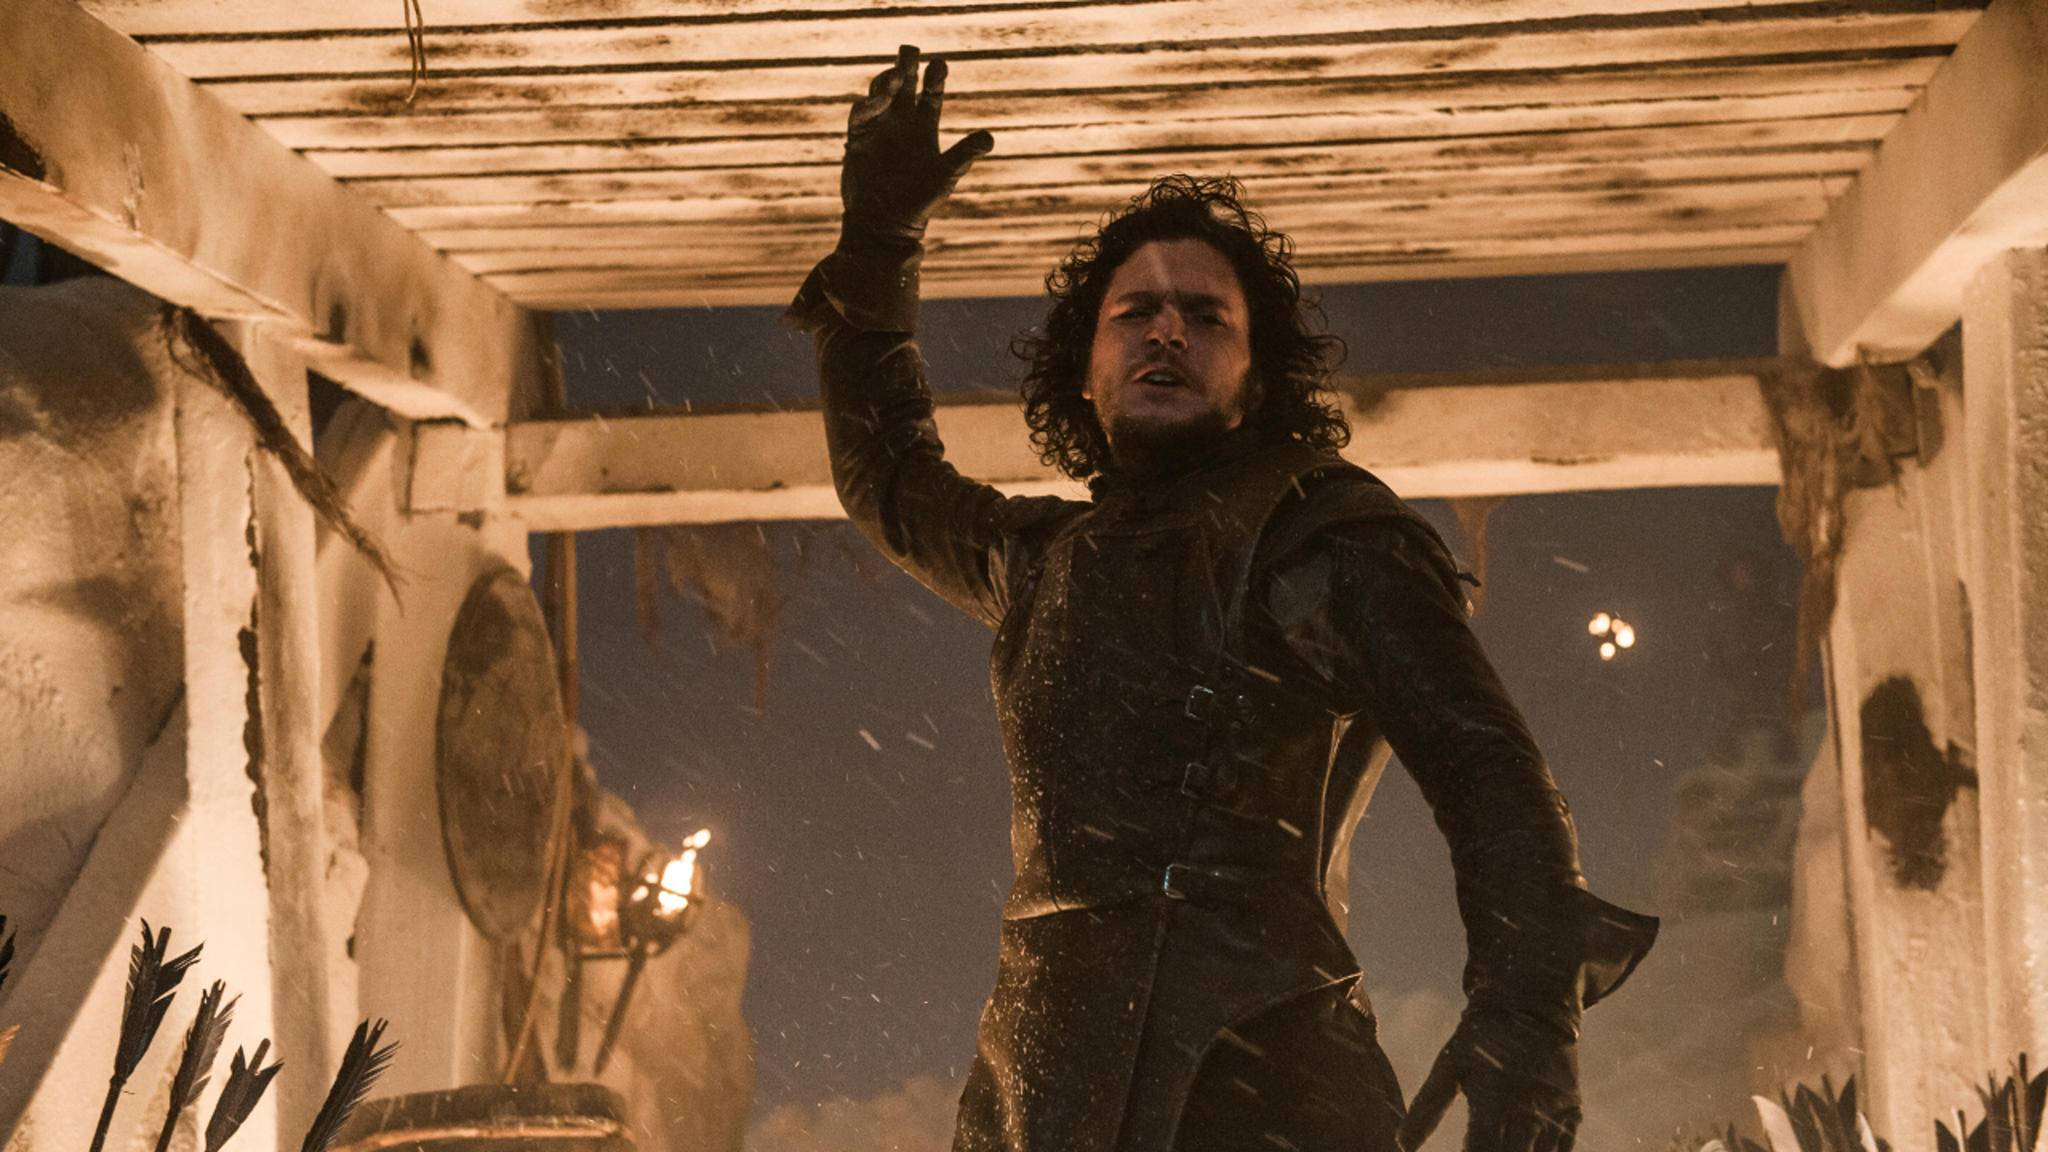 Jon Snow und die Nachtwache beschützen die Mauer.